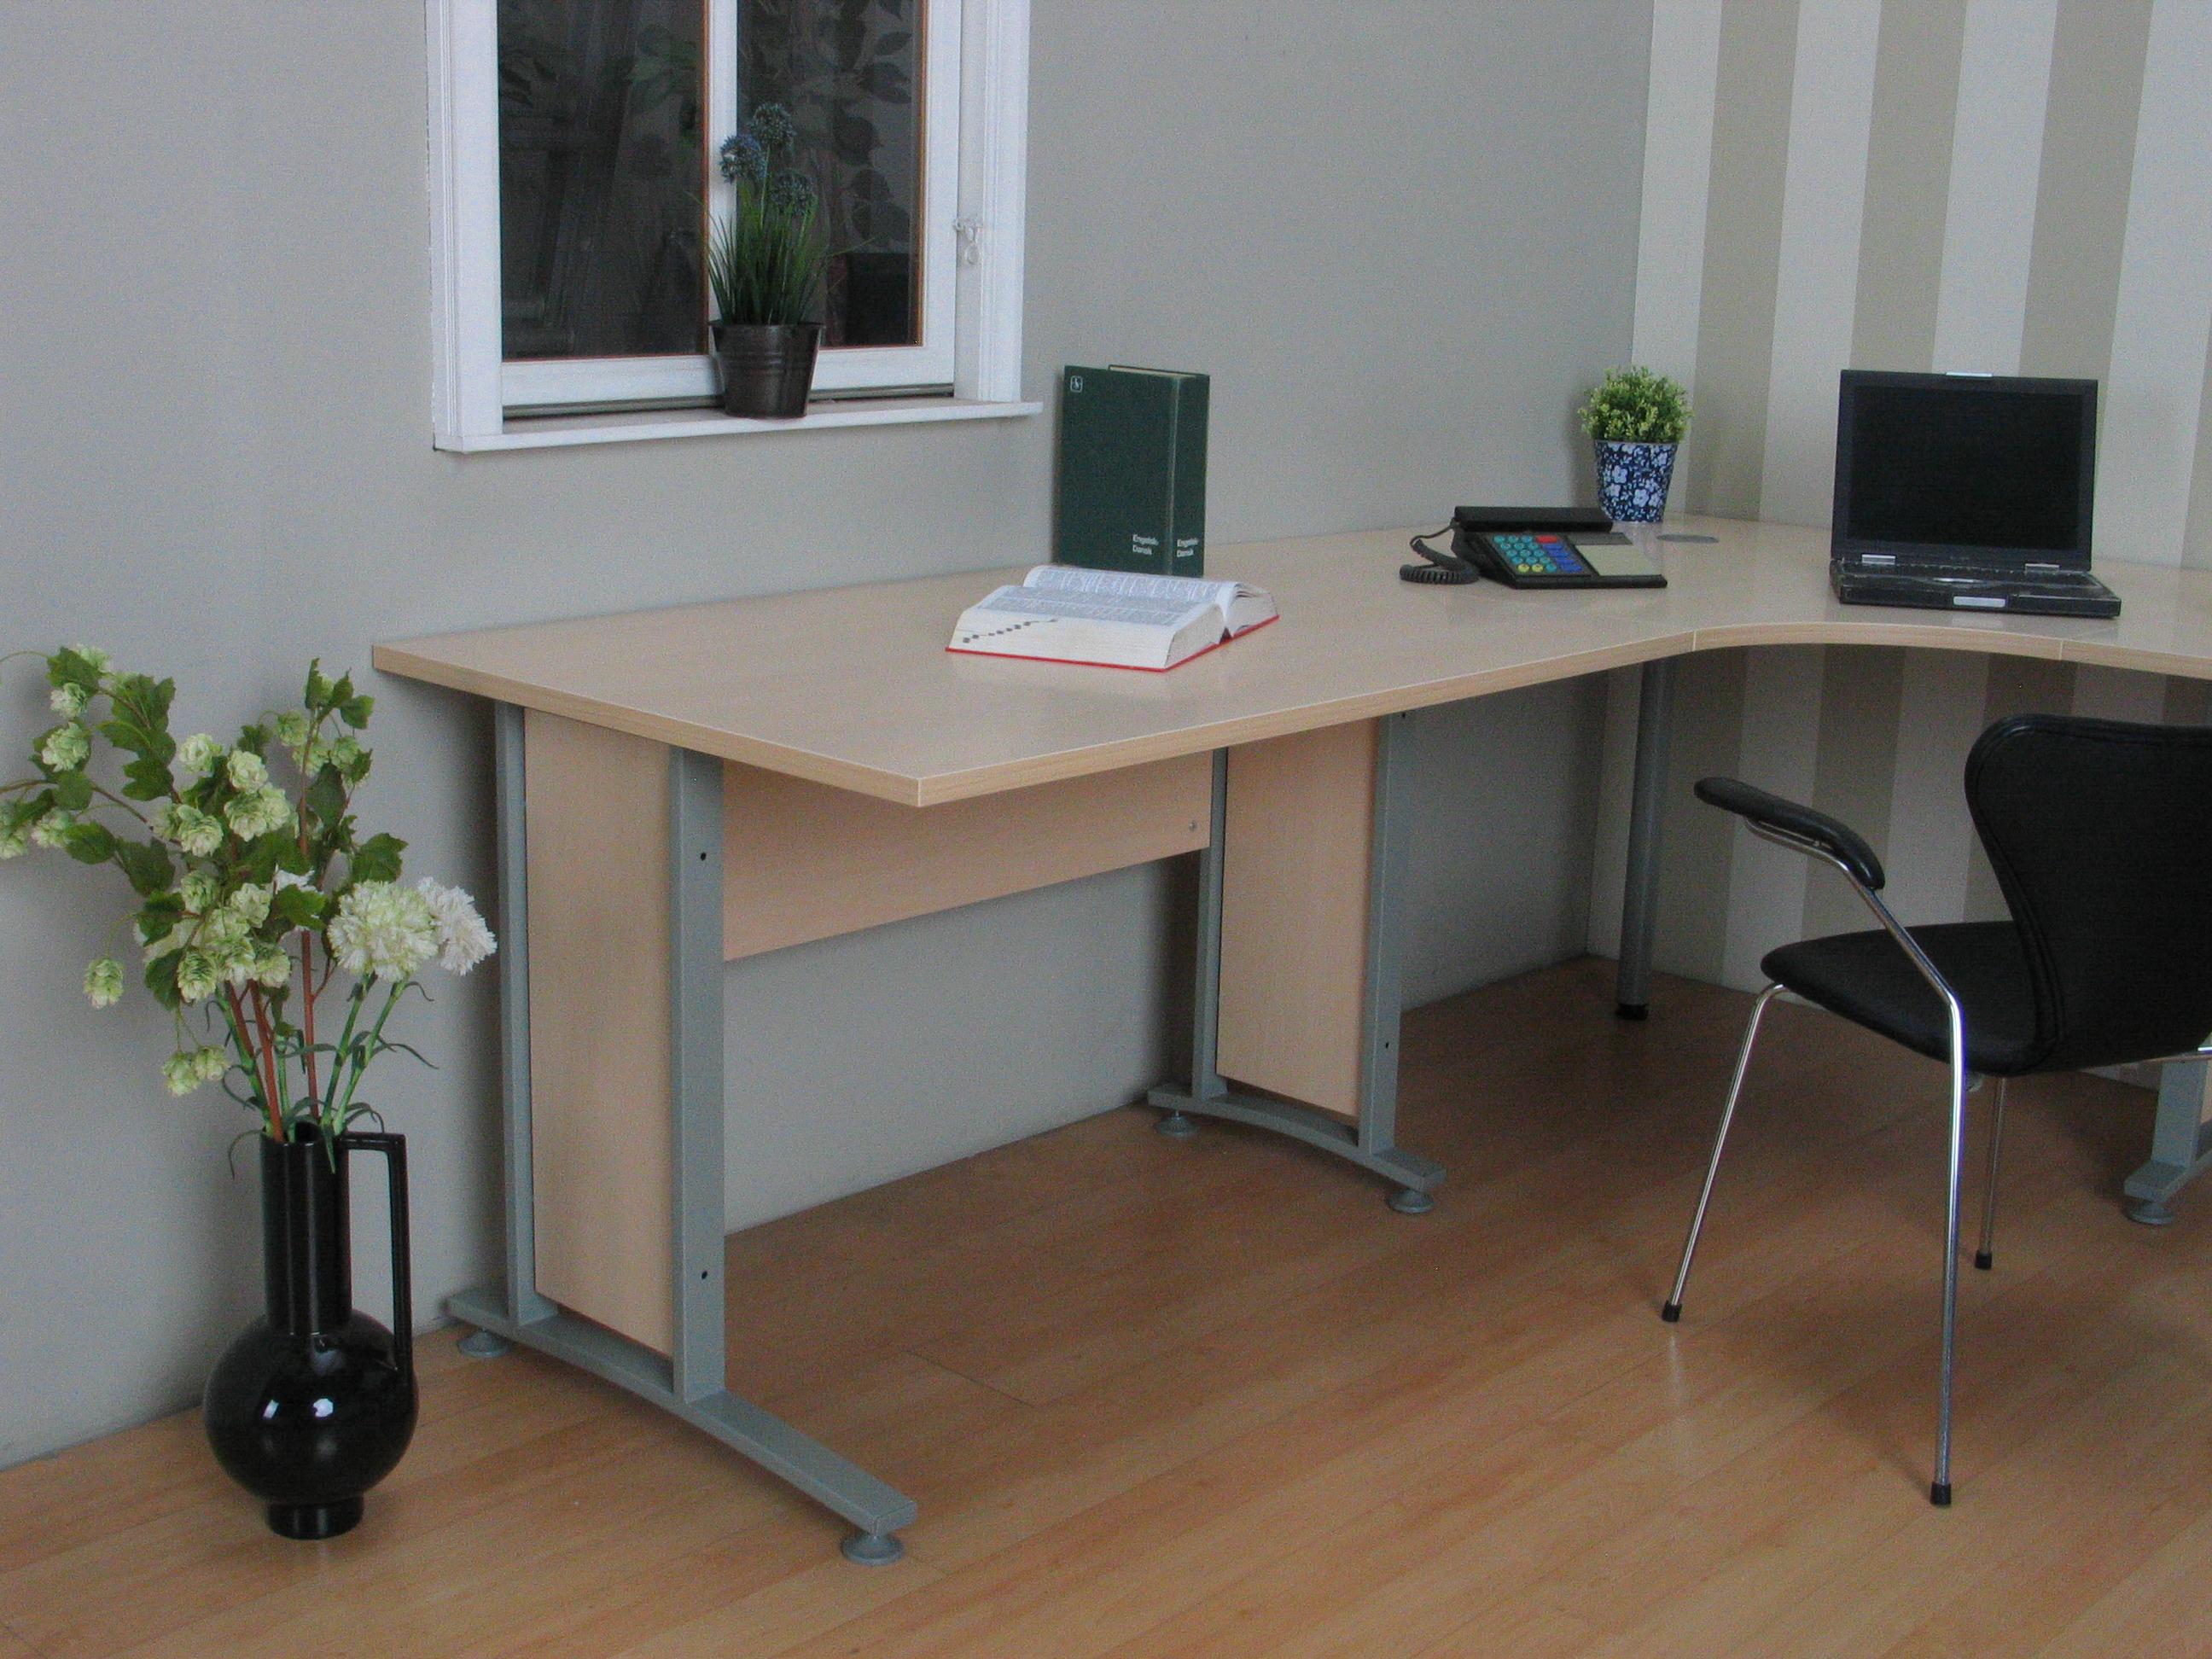 Eckschreibtisch prima schreibtisch computertisch tisch for Computertisch ahorn